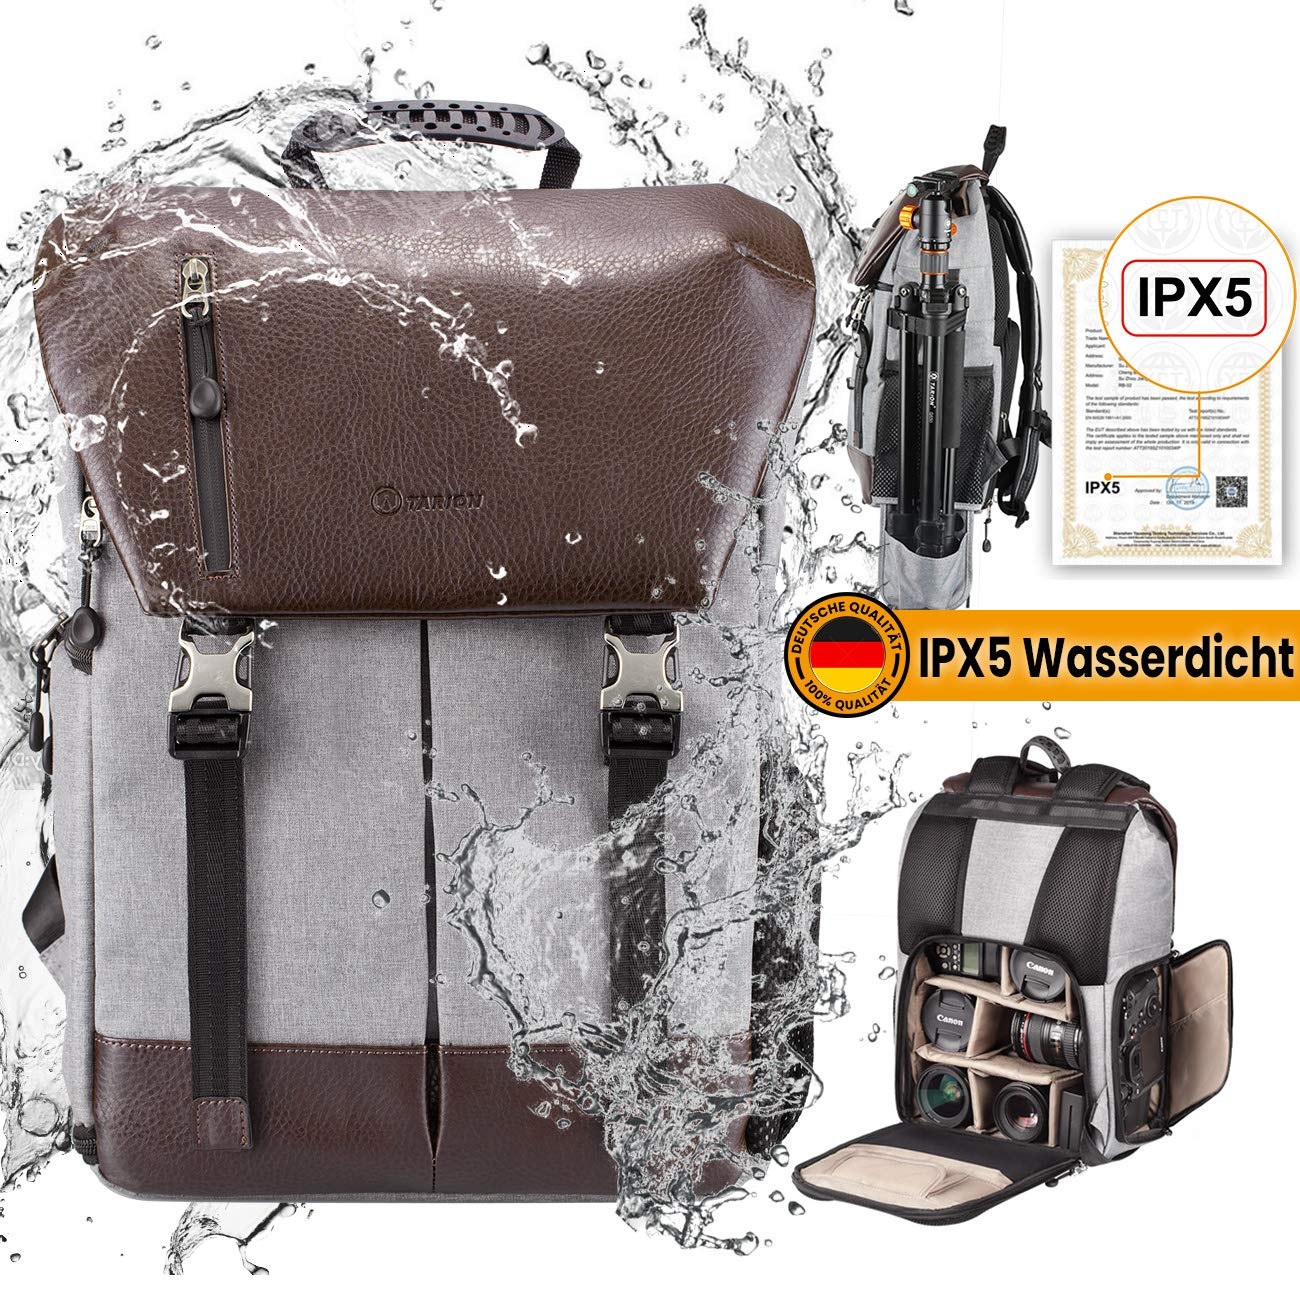 TARION Kamerarucksack Wasserdicht Fotorucksack Spiegelreflex Kameratasche Zertifizierte IPX5 Wasserdicht Kamera Rucksack